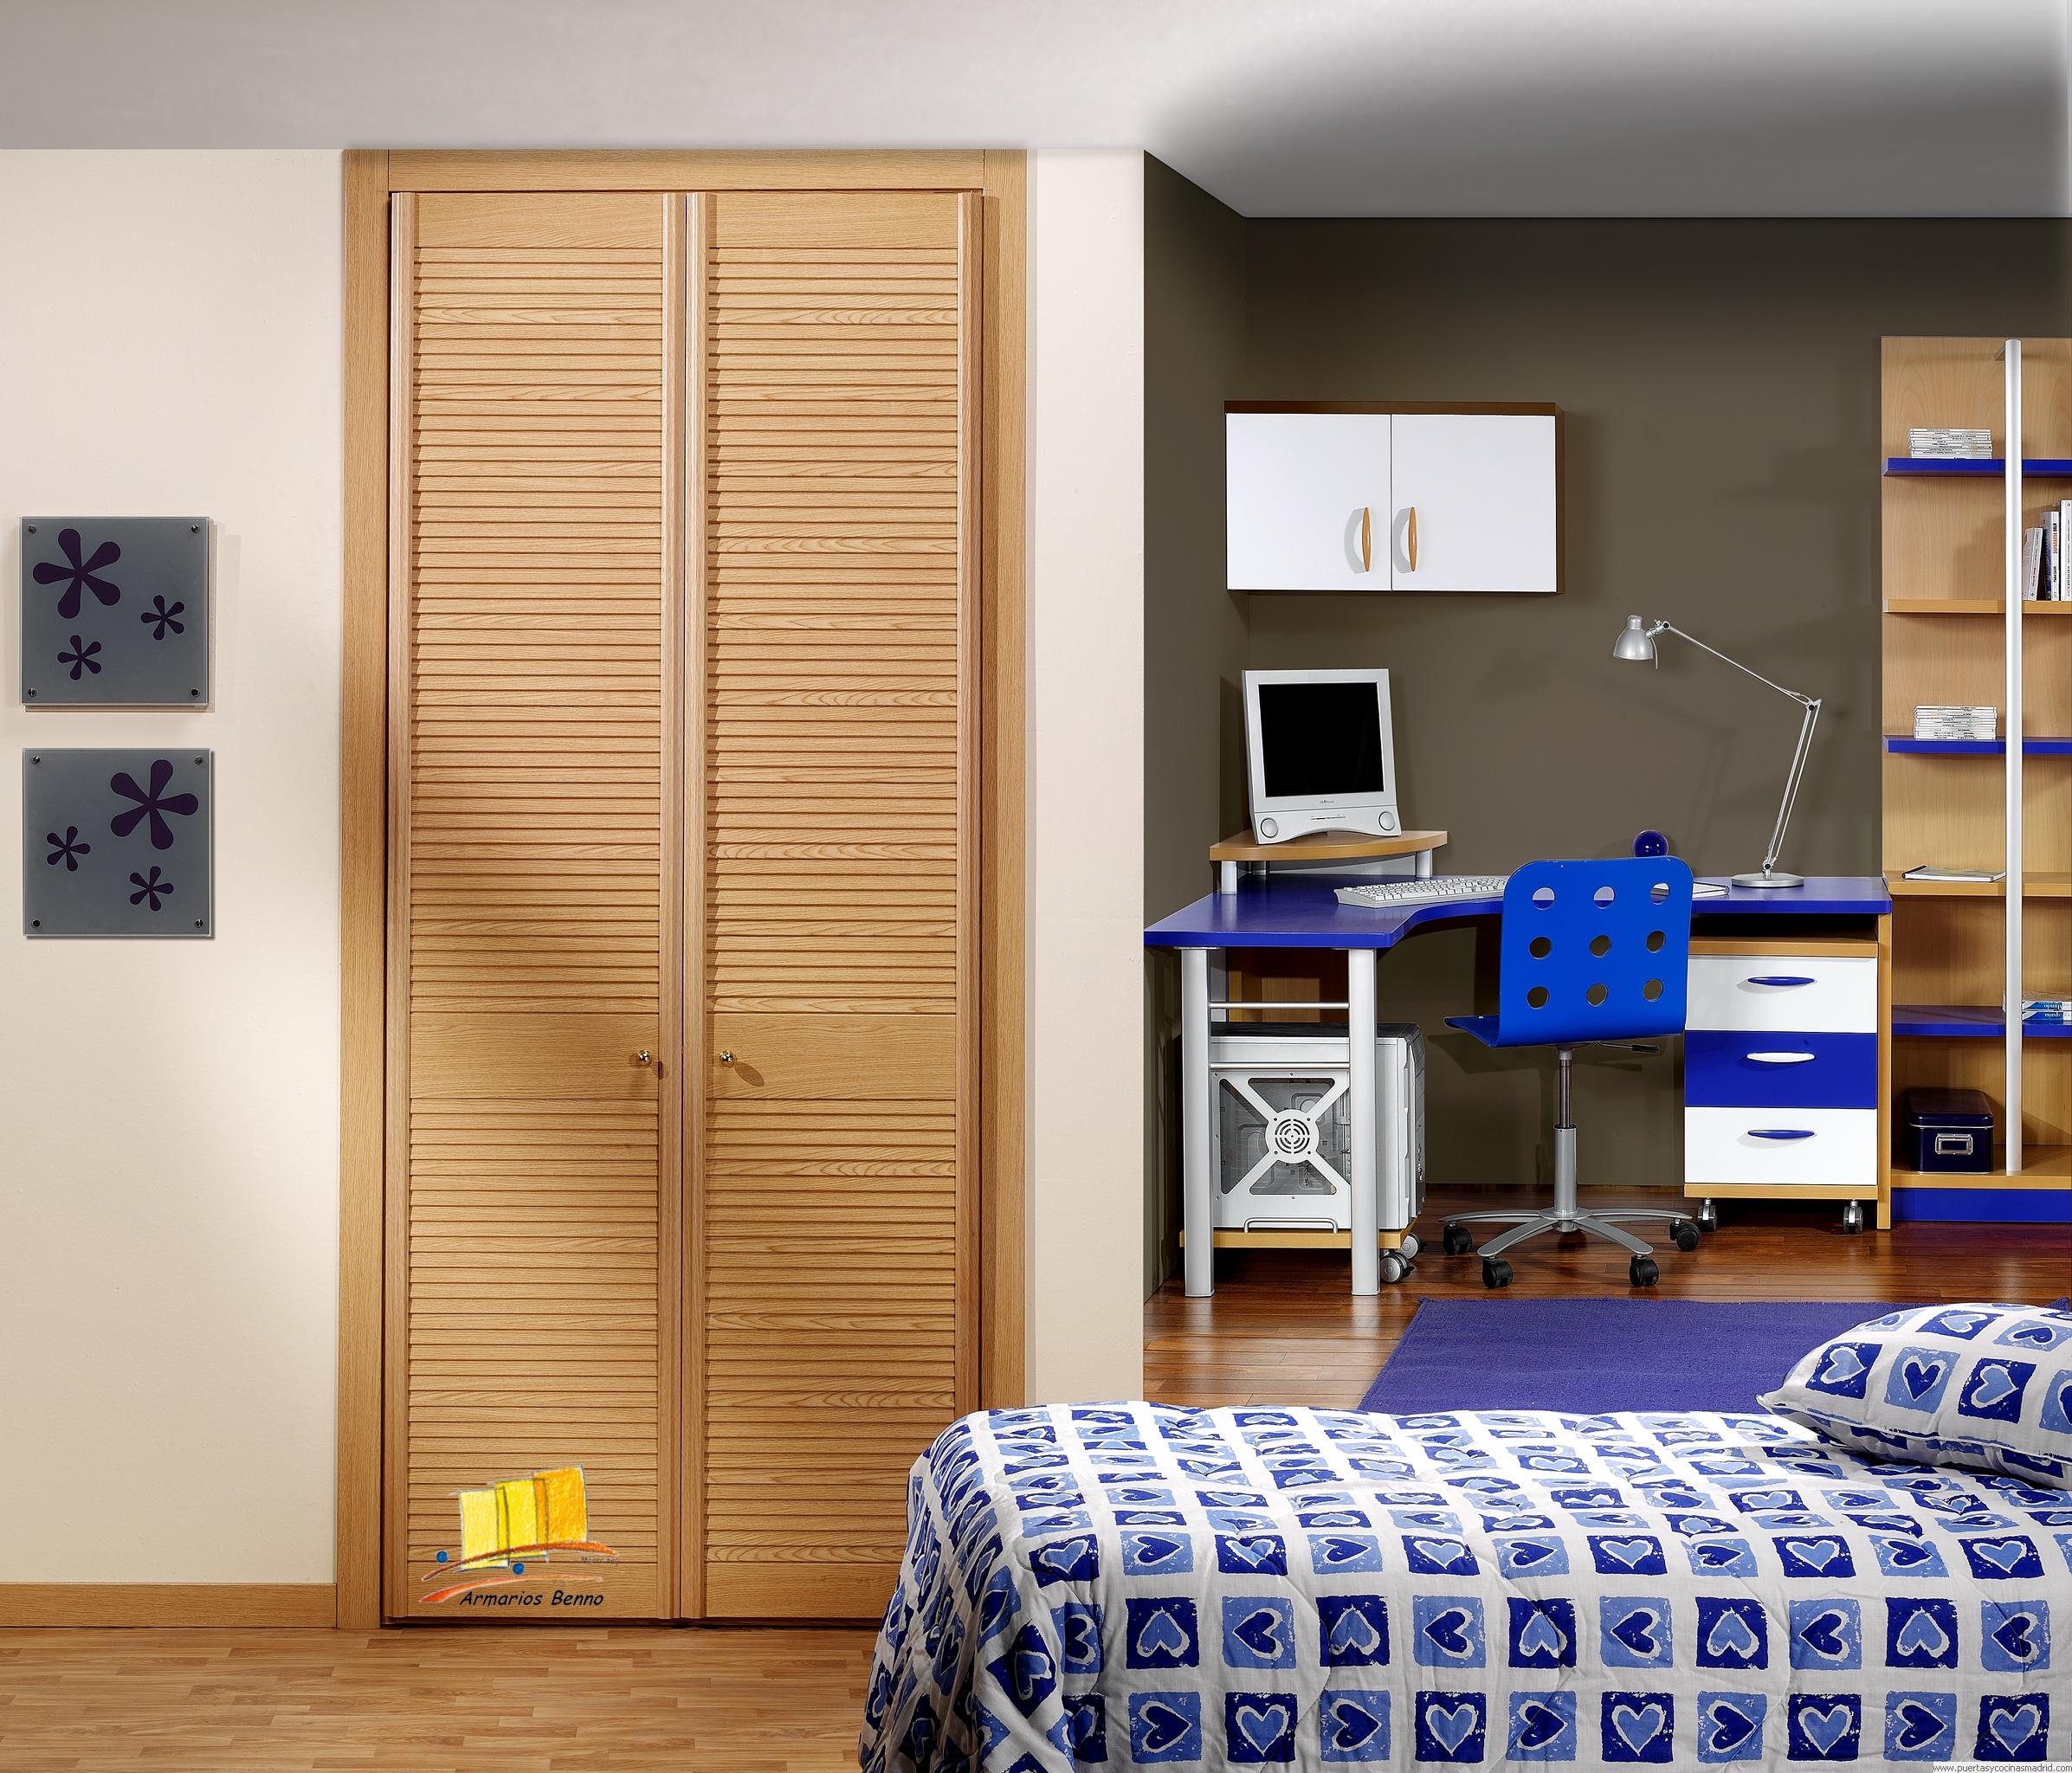 Armarios interior madrid armarios baratos comprar armarios for Armarios baratos madrid